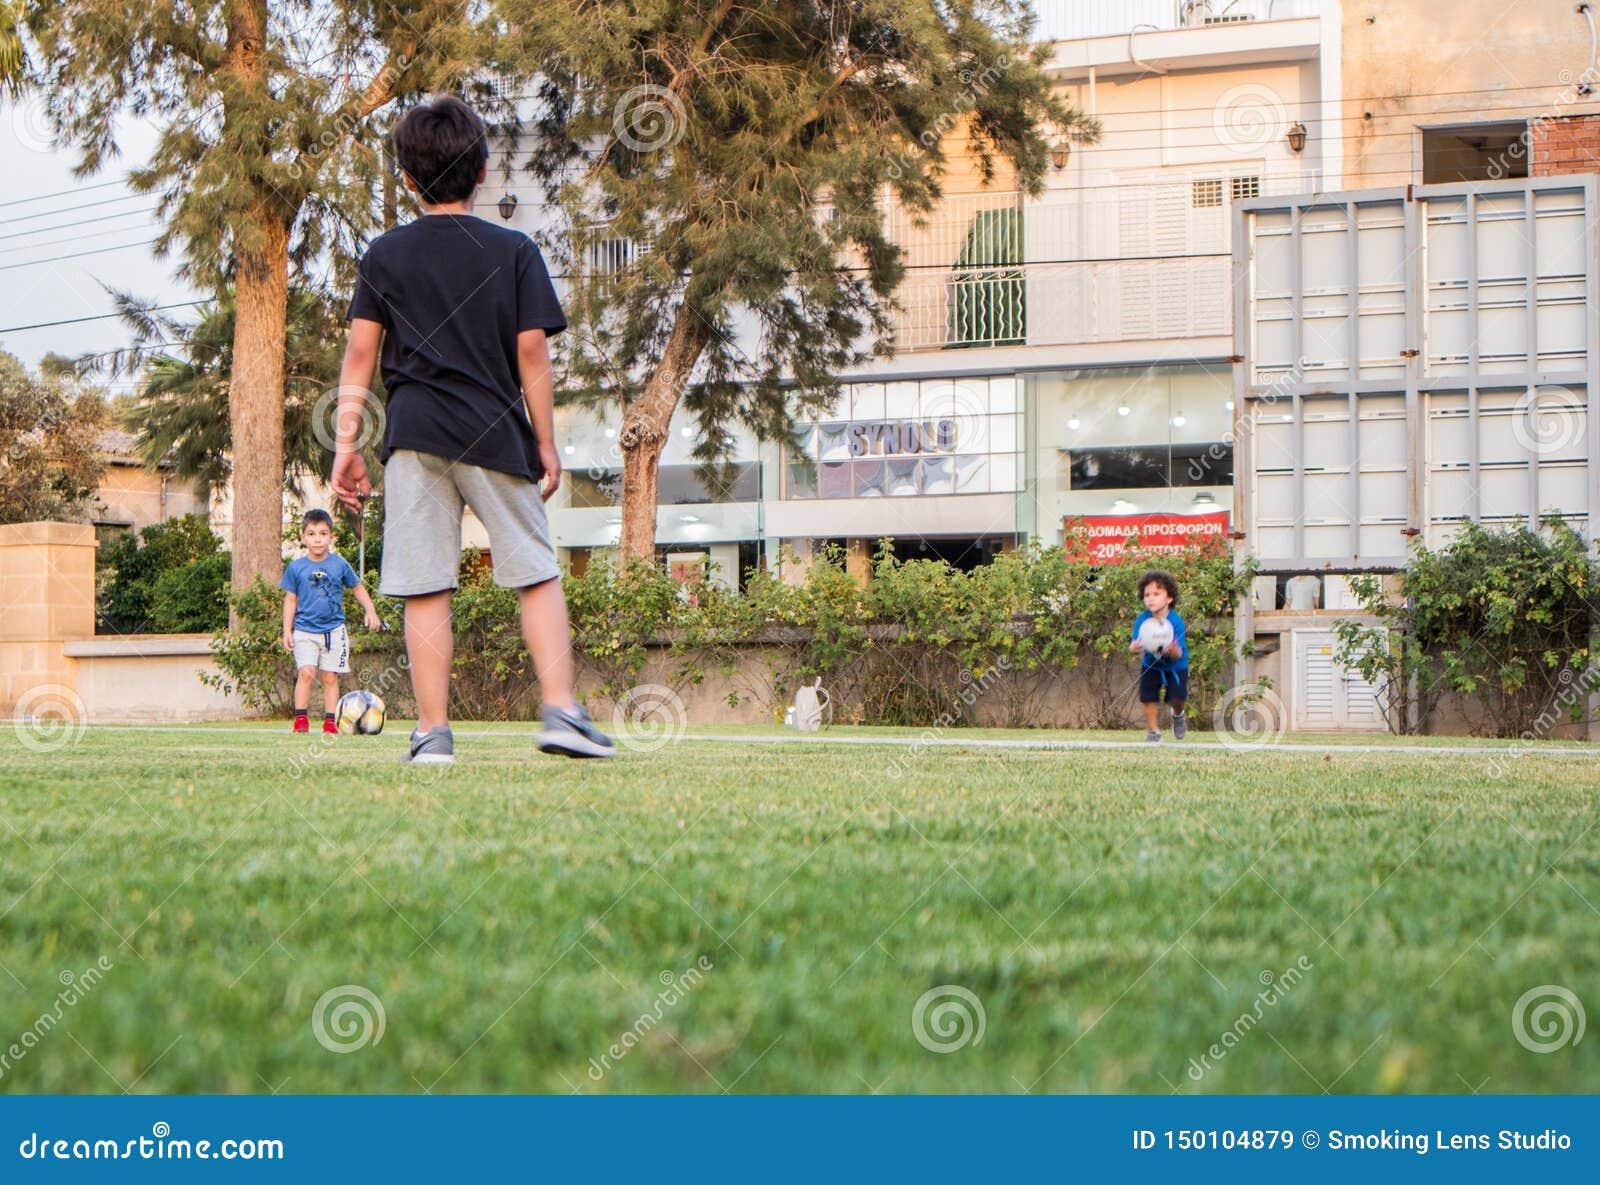 Spela för ungar som är footbal på grönt gräs, i en hem- trädgård